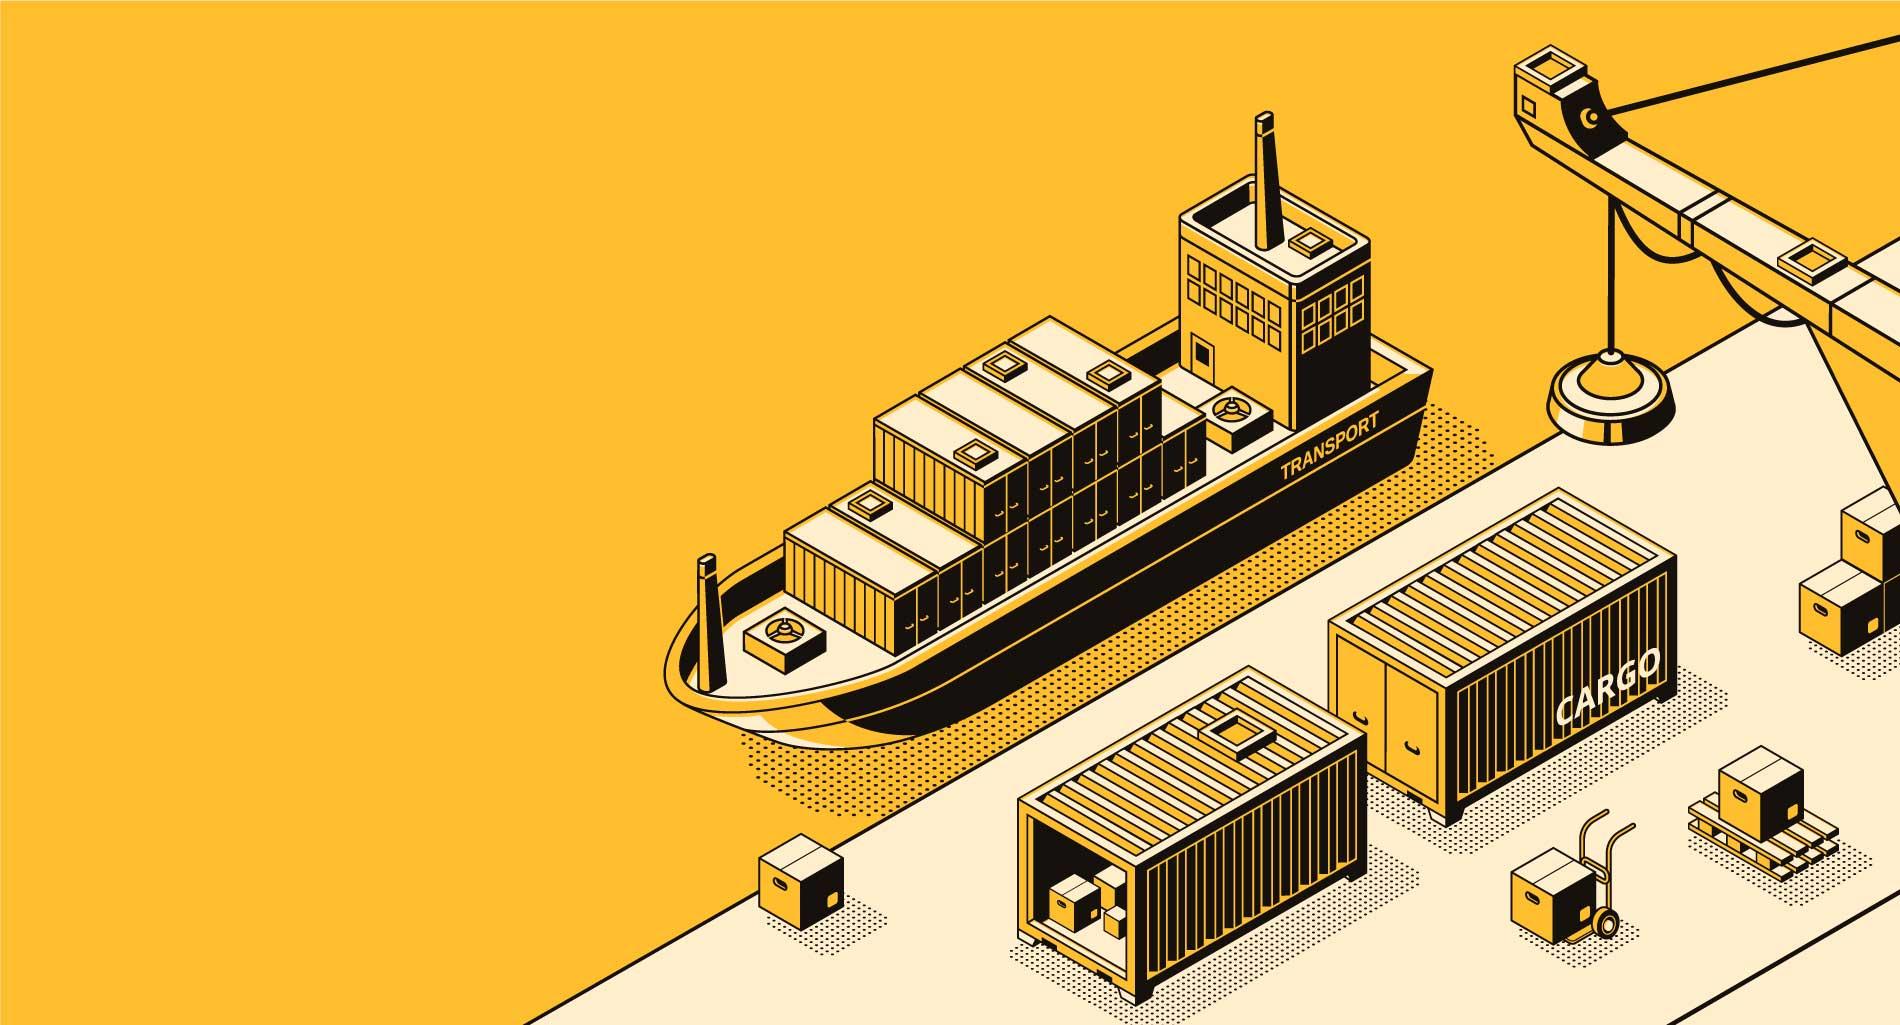 transportation and logistics companie